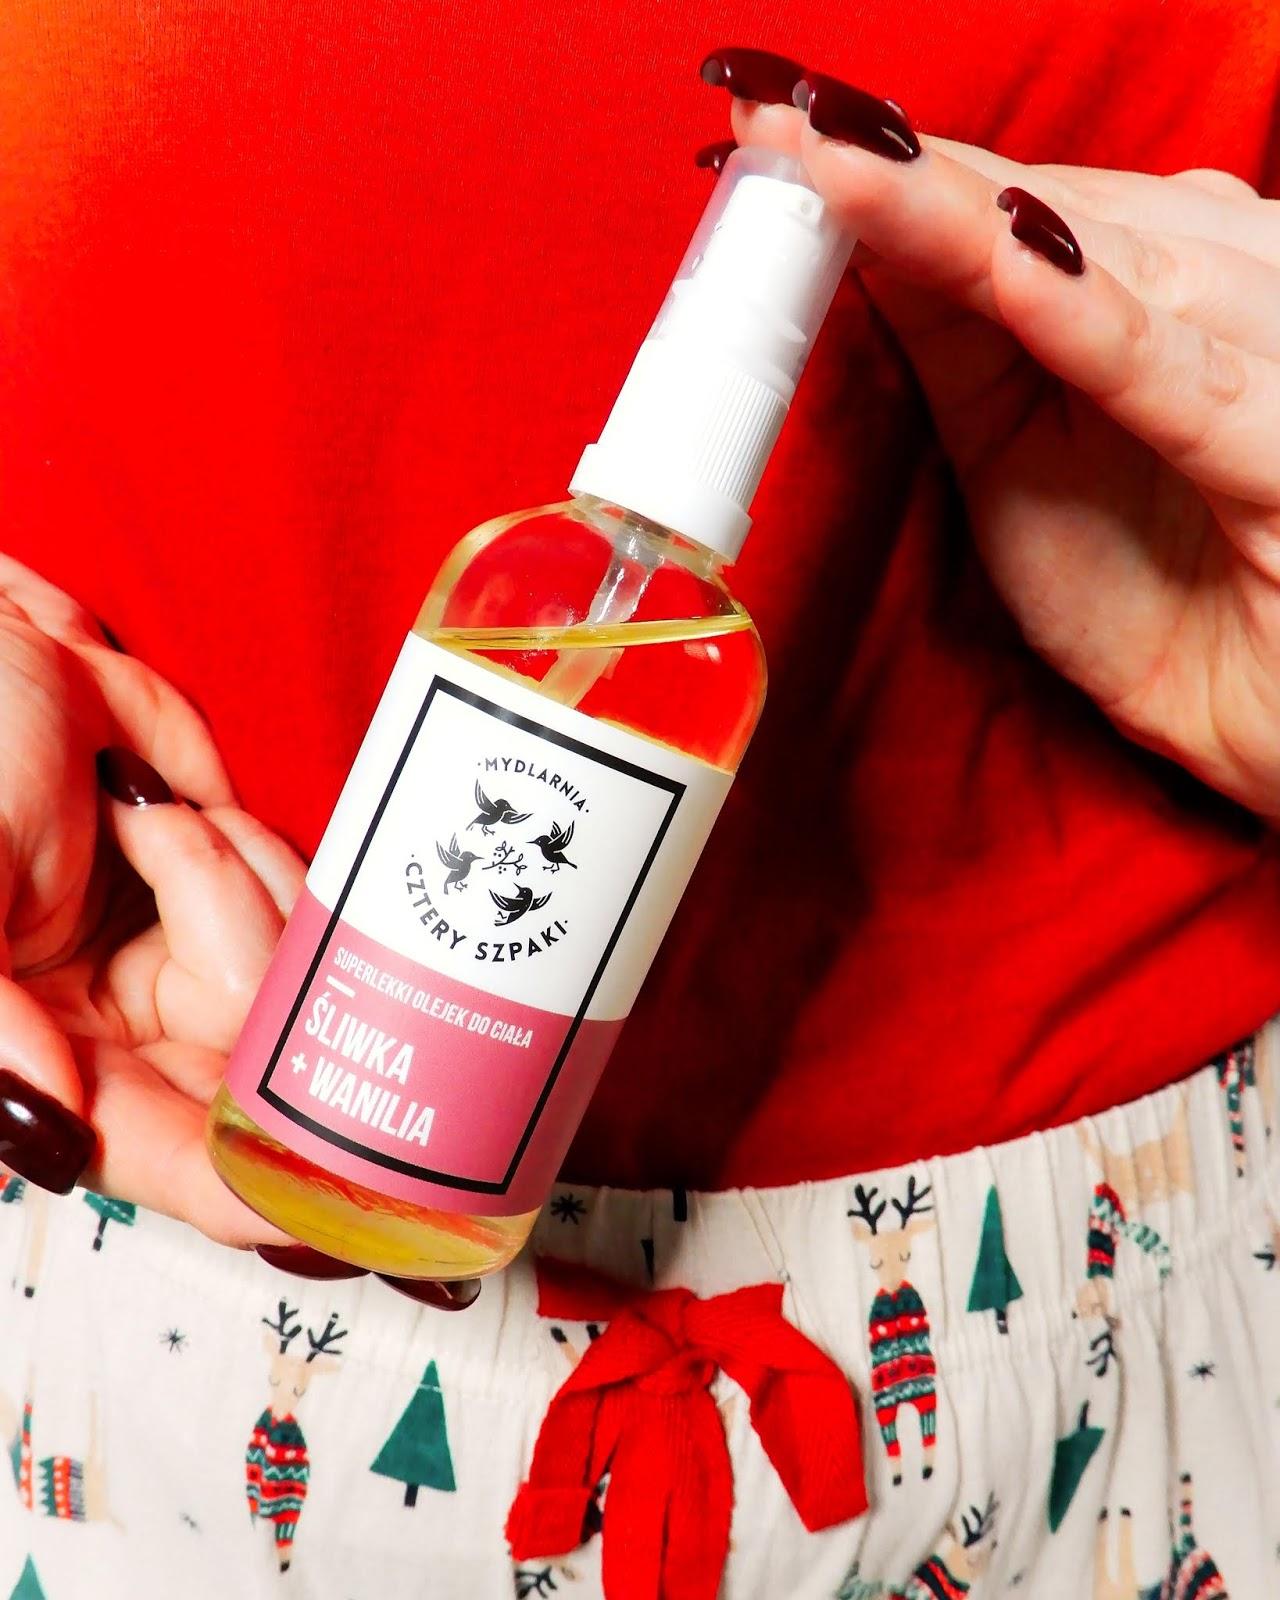 świąteczne inspiracje, świąteczna piżama primark, 4 szpaki Superlekki Olejek Śliwka i Wanilia,